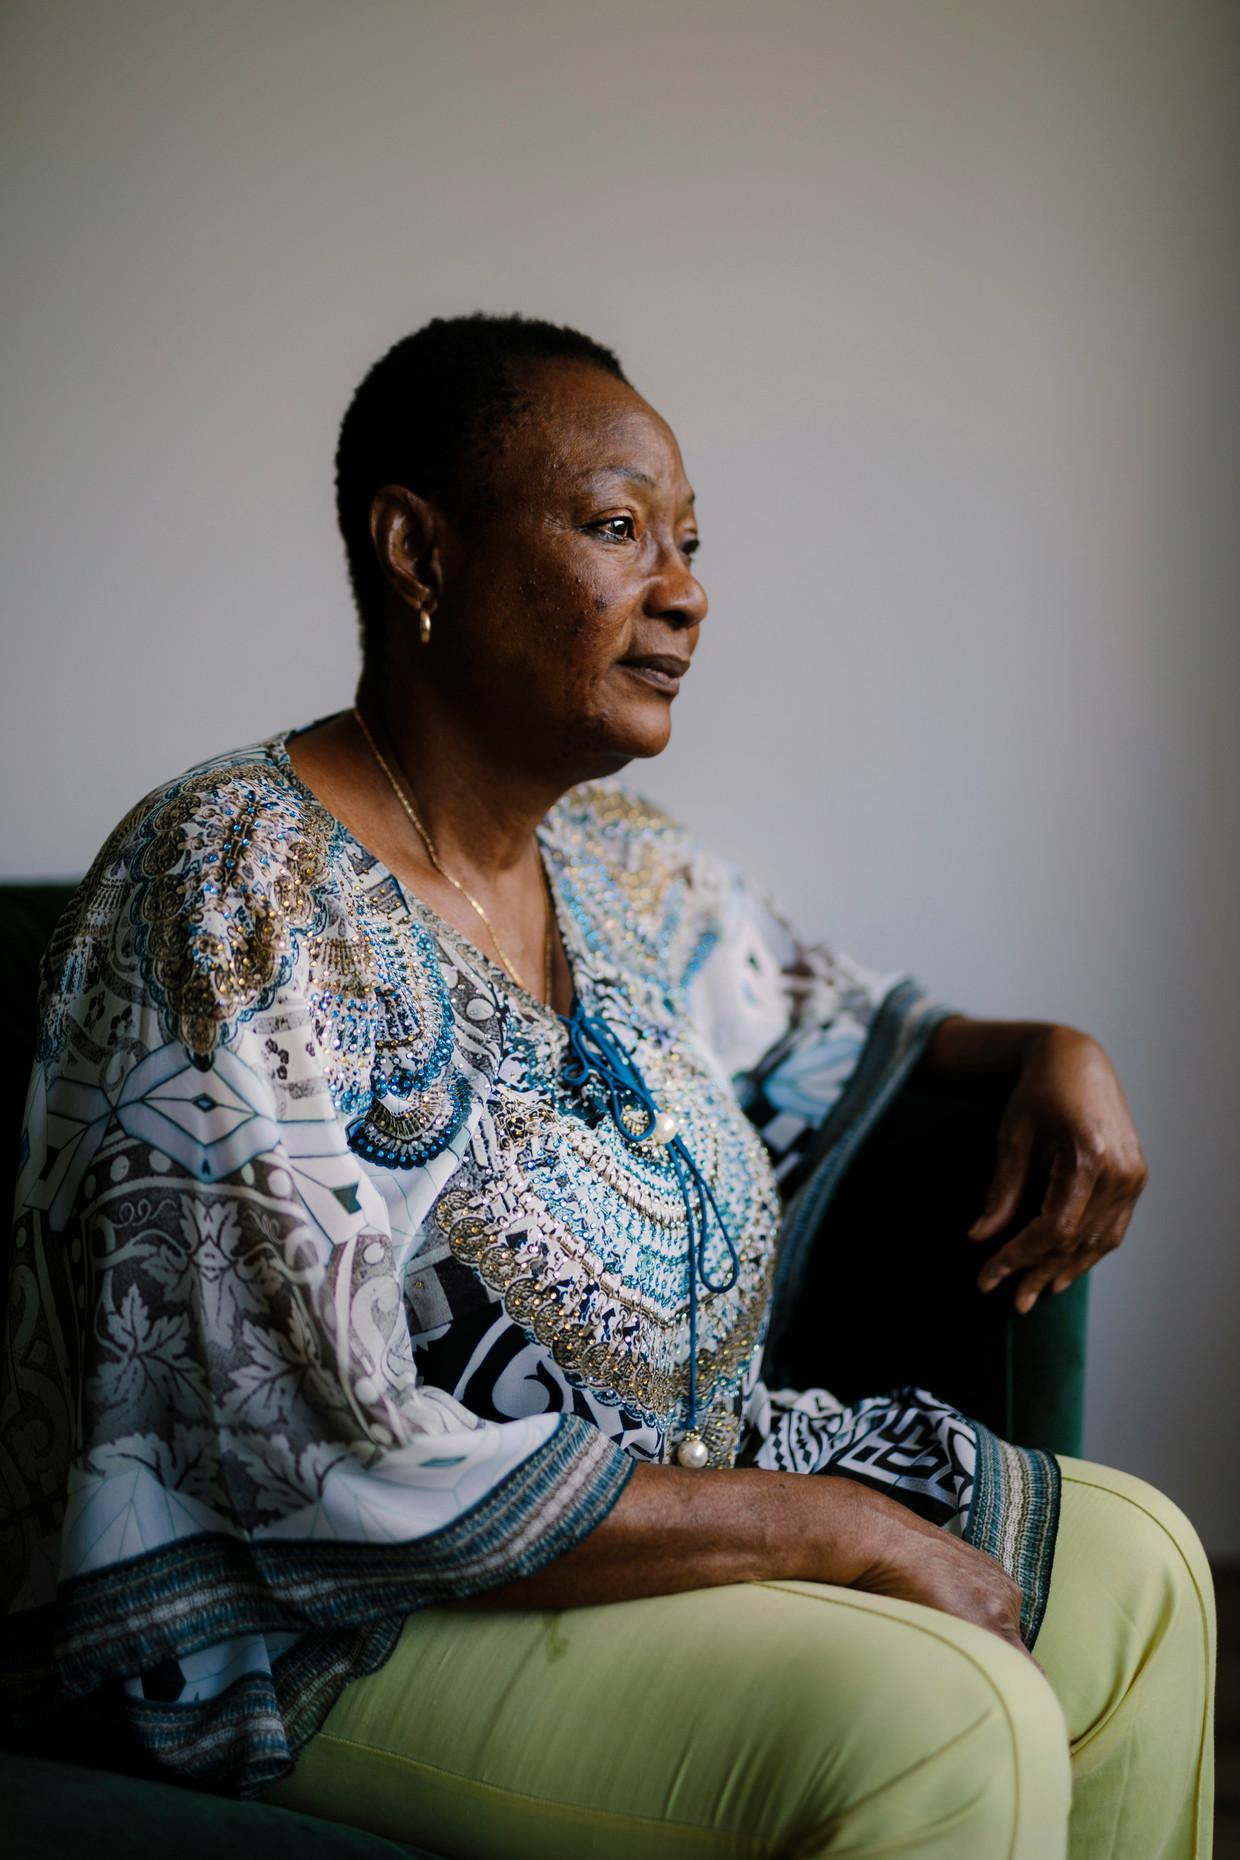 Adeline vluchtte in 2003 uit Sierra Leone. 'Ze zijn hier zo lief dat ik me soms toch een beetje thuis voel.'